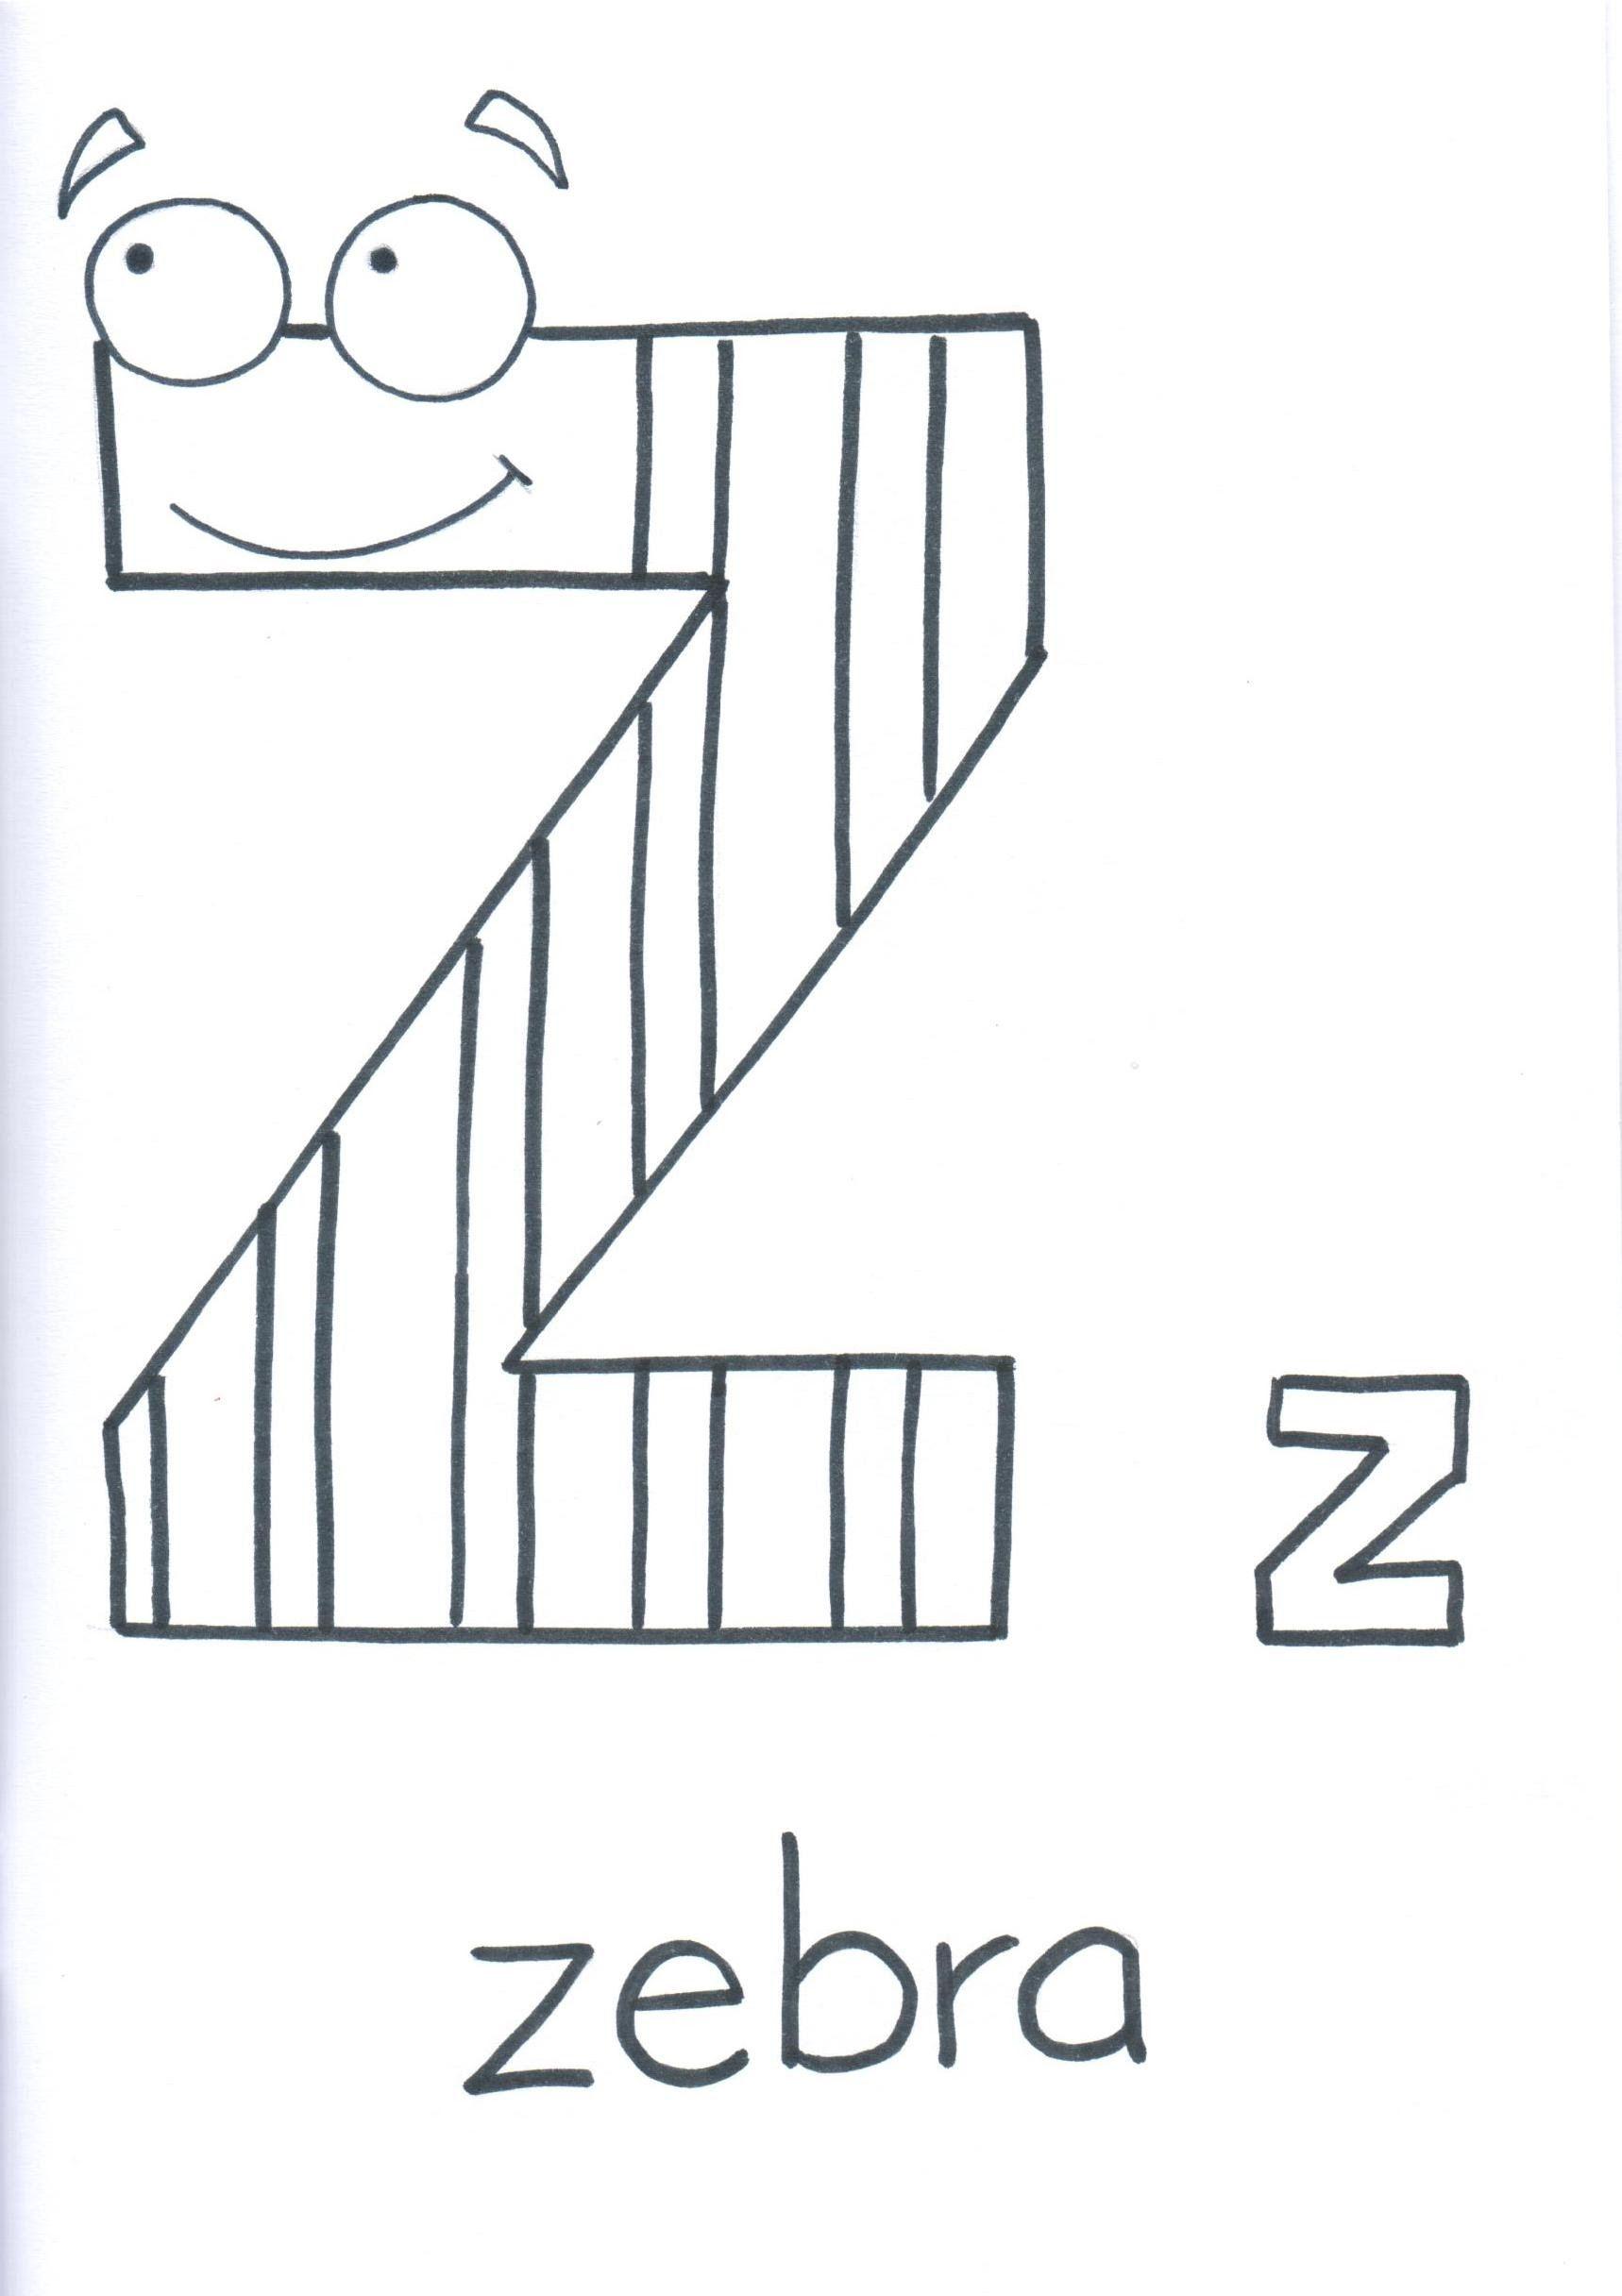 Pin De Adenilda Marques Em Letras Do Alfabeto Livro Do Alfabeto